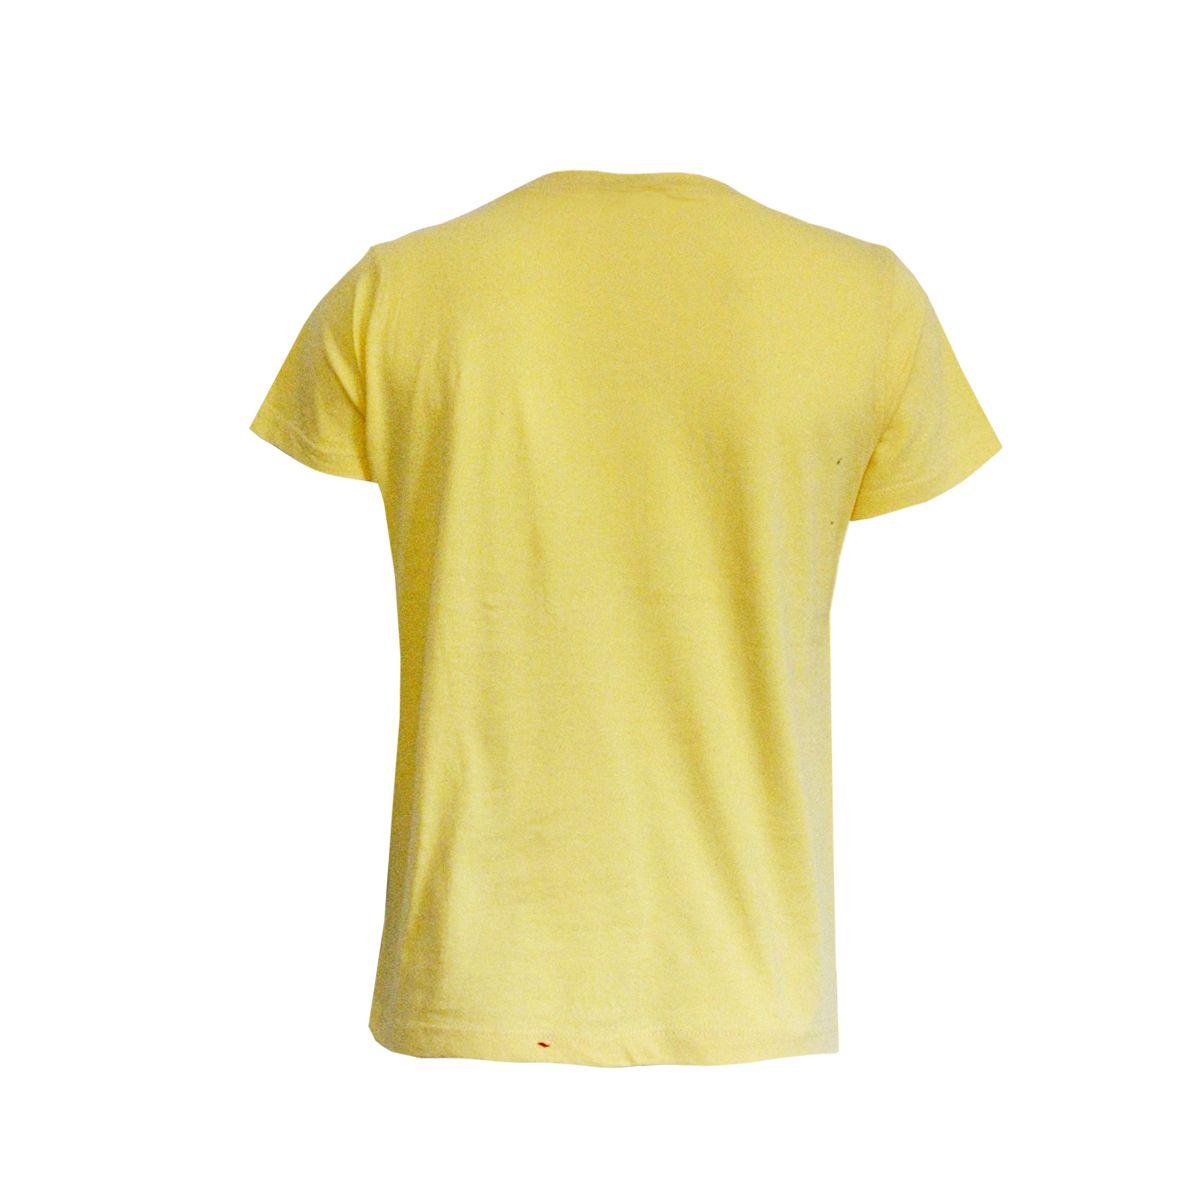 ست تی شرت و شلوارک زنانه کد 100132170c -  - 3